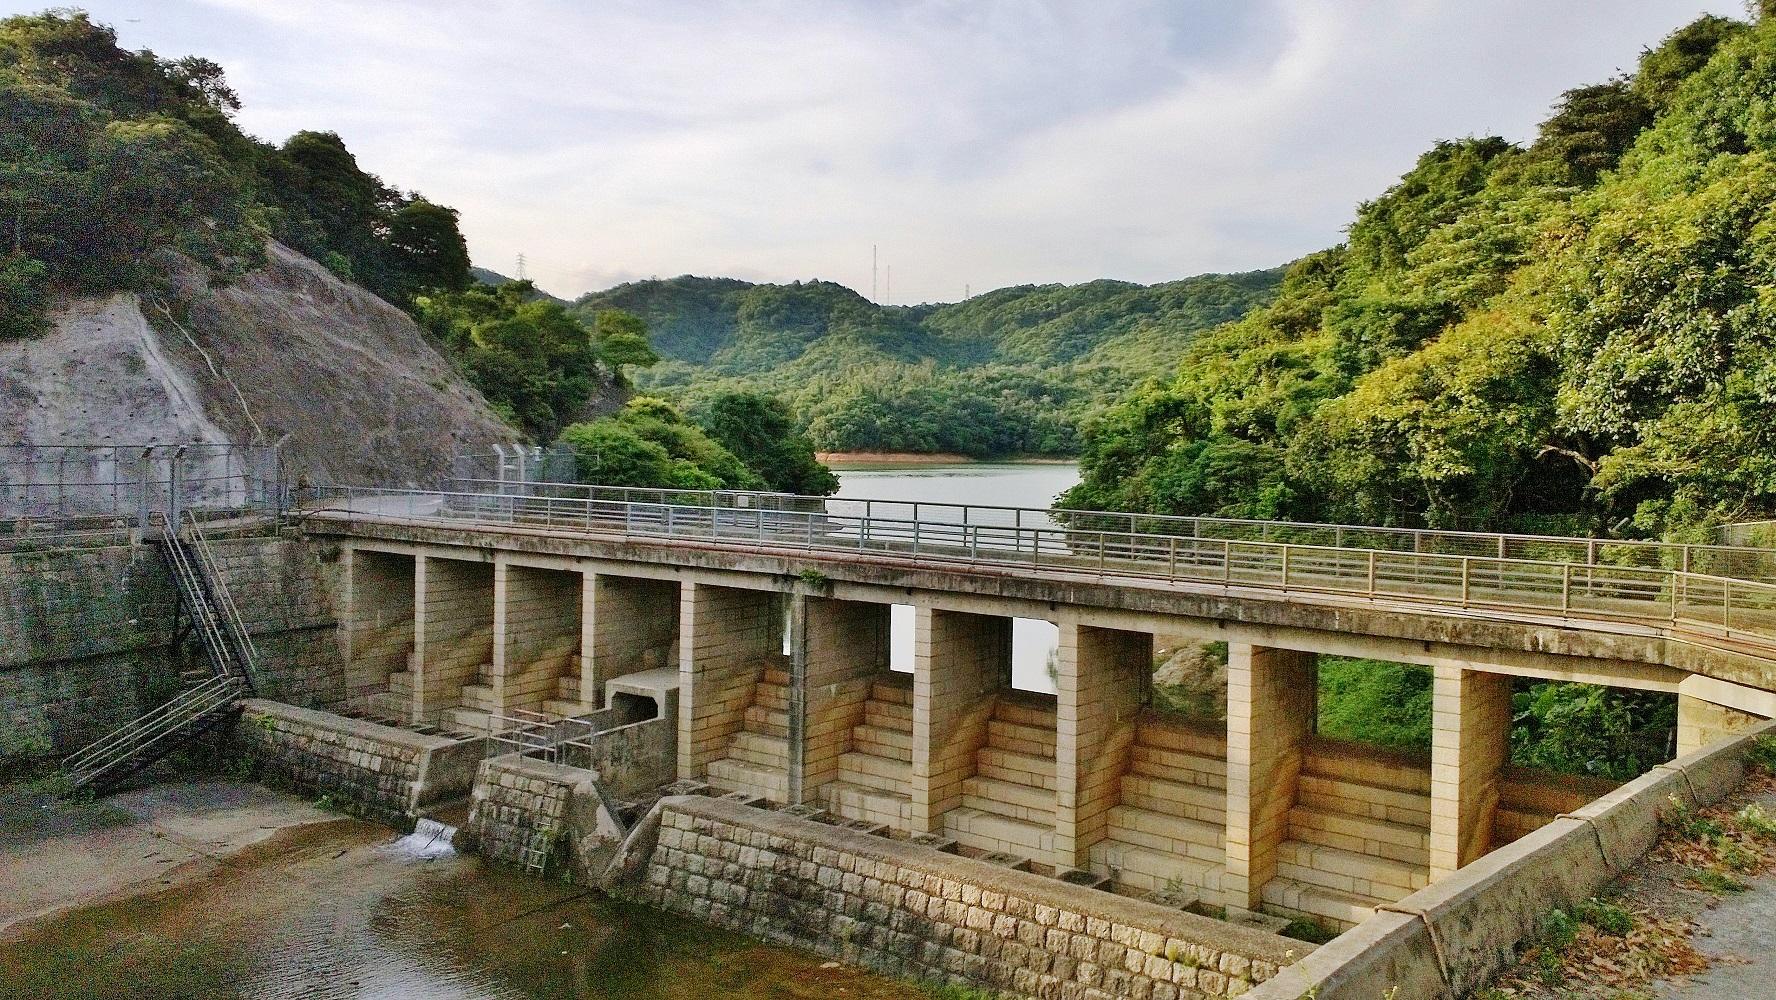 Kowloon Reservoir Spillway Dam